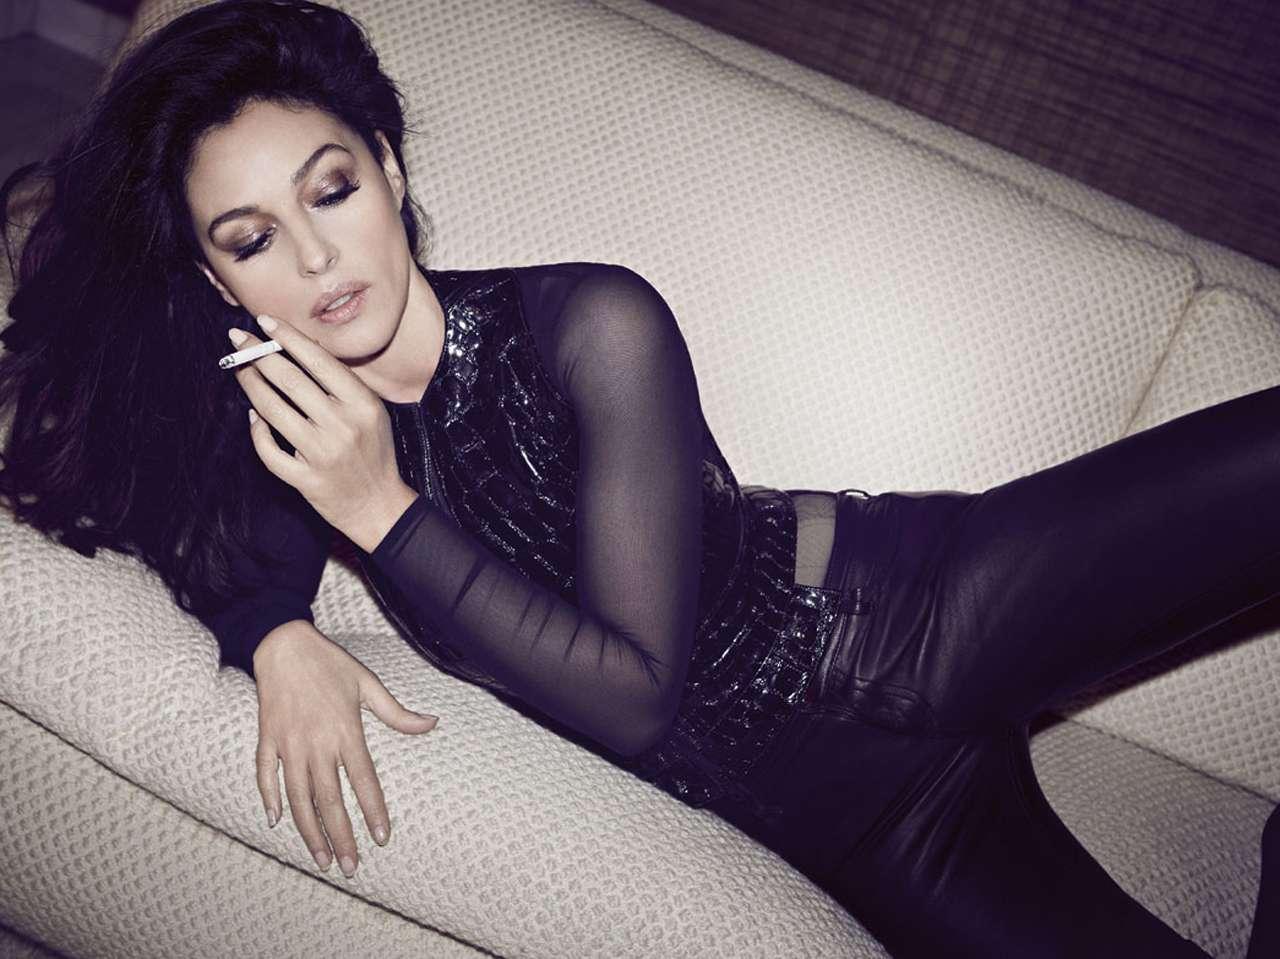 Diez famosas maduras de Hollywood que nos encantan - Monica Bellucci. Foto: Vanity Fair Magazine